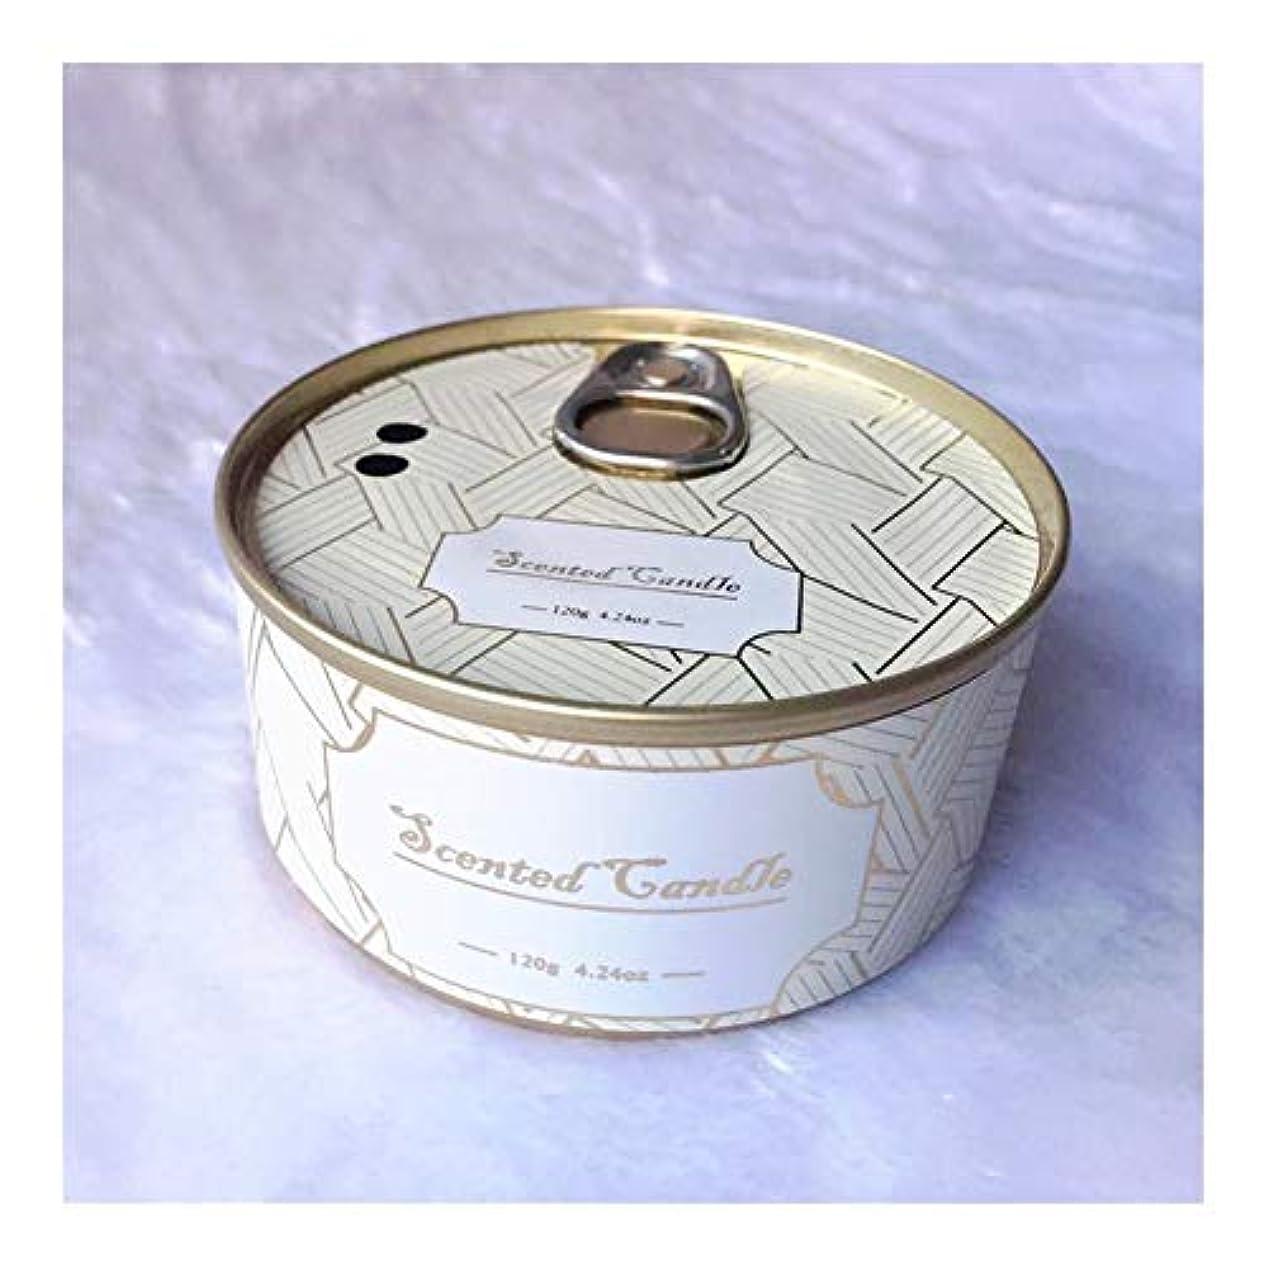 からかう解決するロボットGuomao ブリキ缶植物エッセンシャルオイル大豆ワックスジュニパーラベンダーの香りのキャンドル (色 : Lavender)